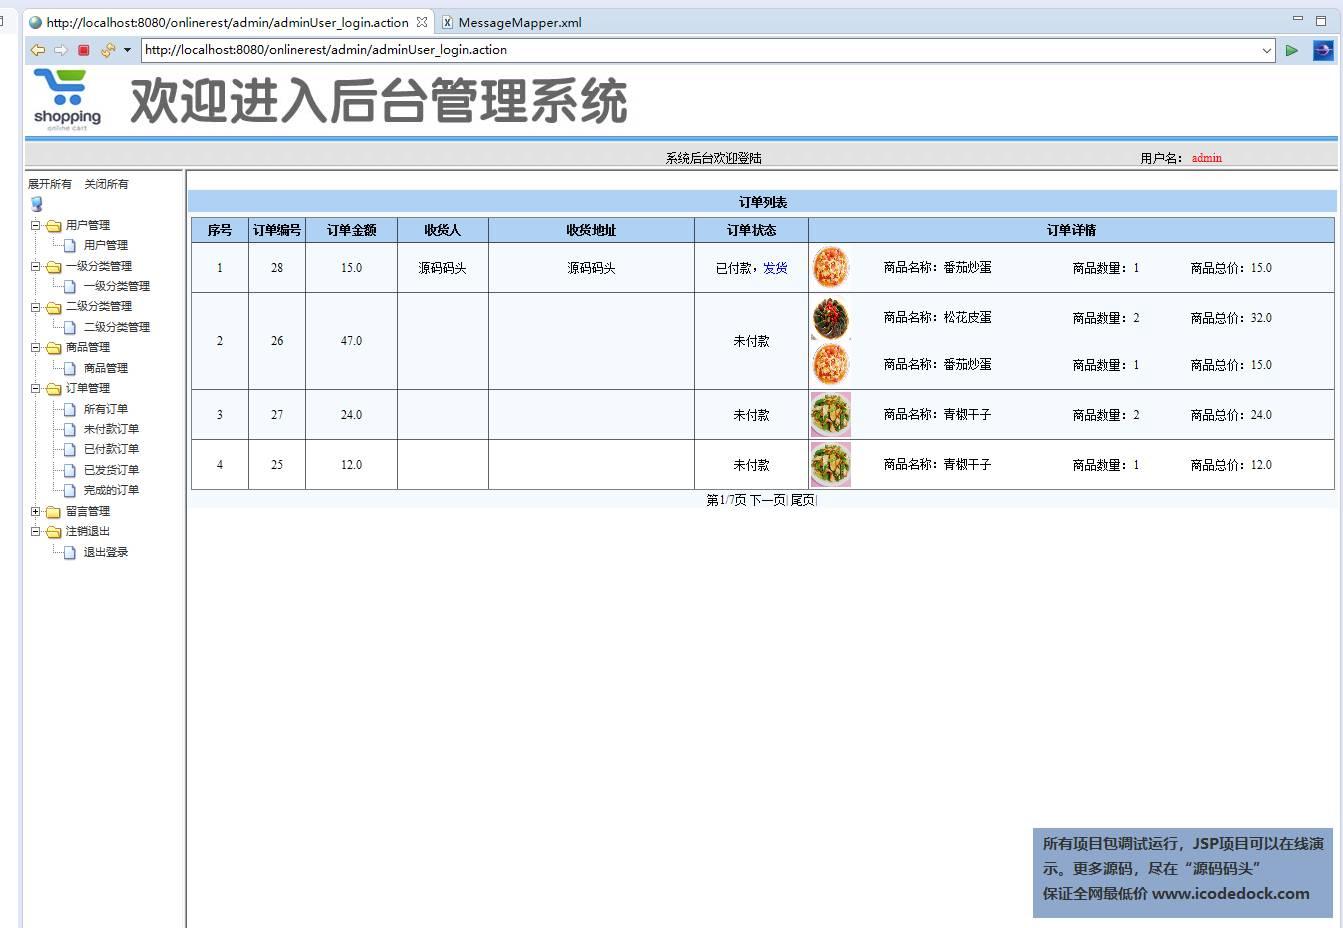 源码码头-SSM网上外卖订餐管理系统-管理员-订单查看